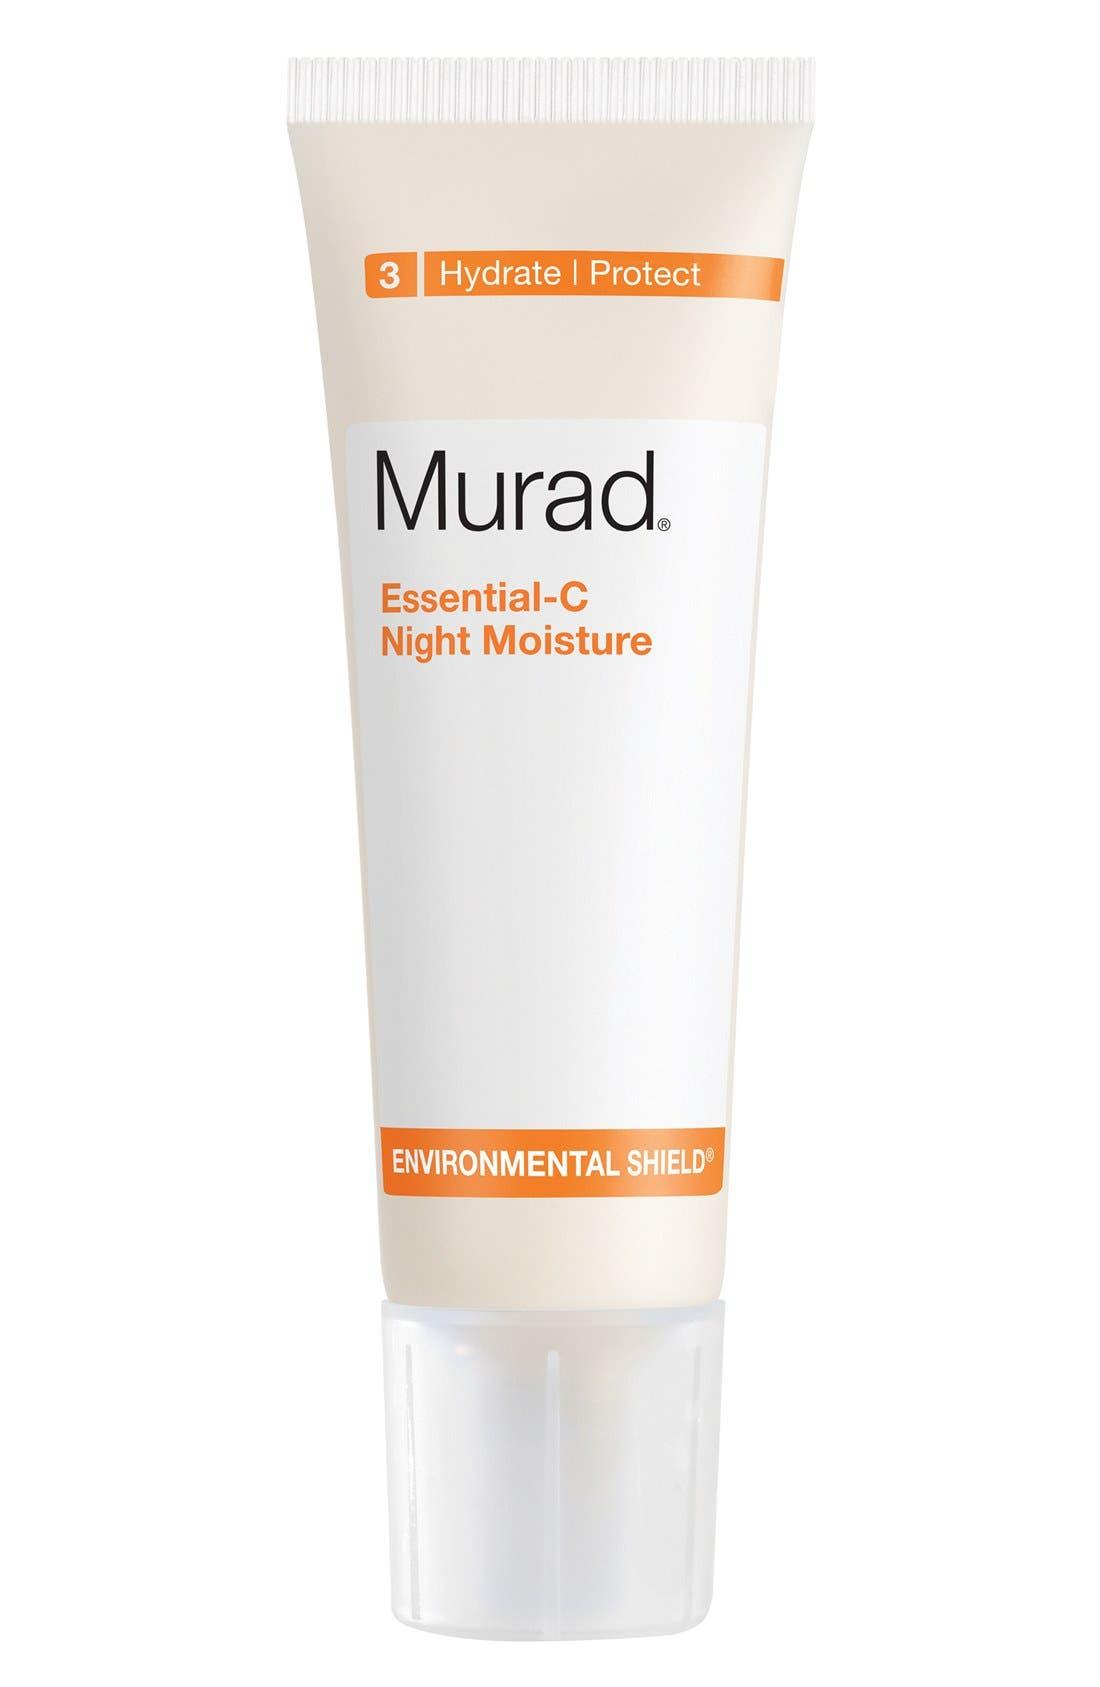 Murad® Essential-C Night Moisture